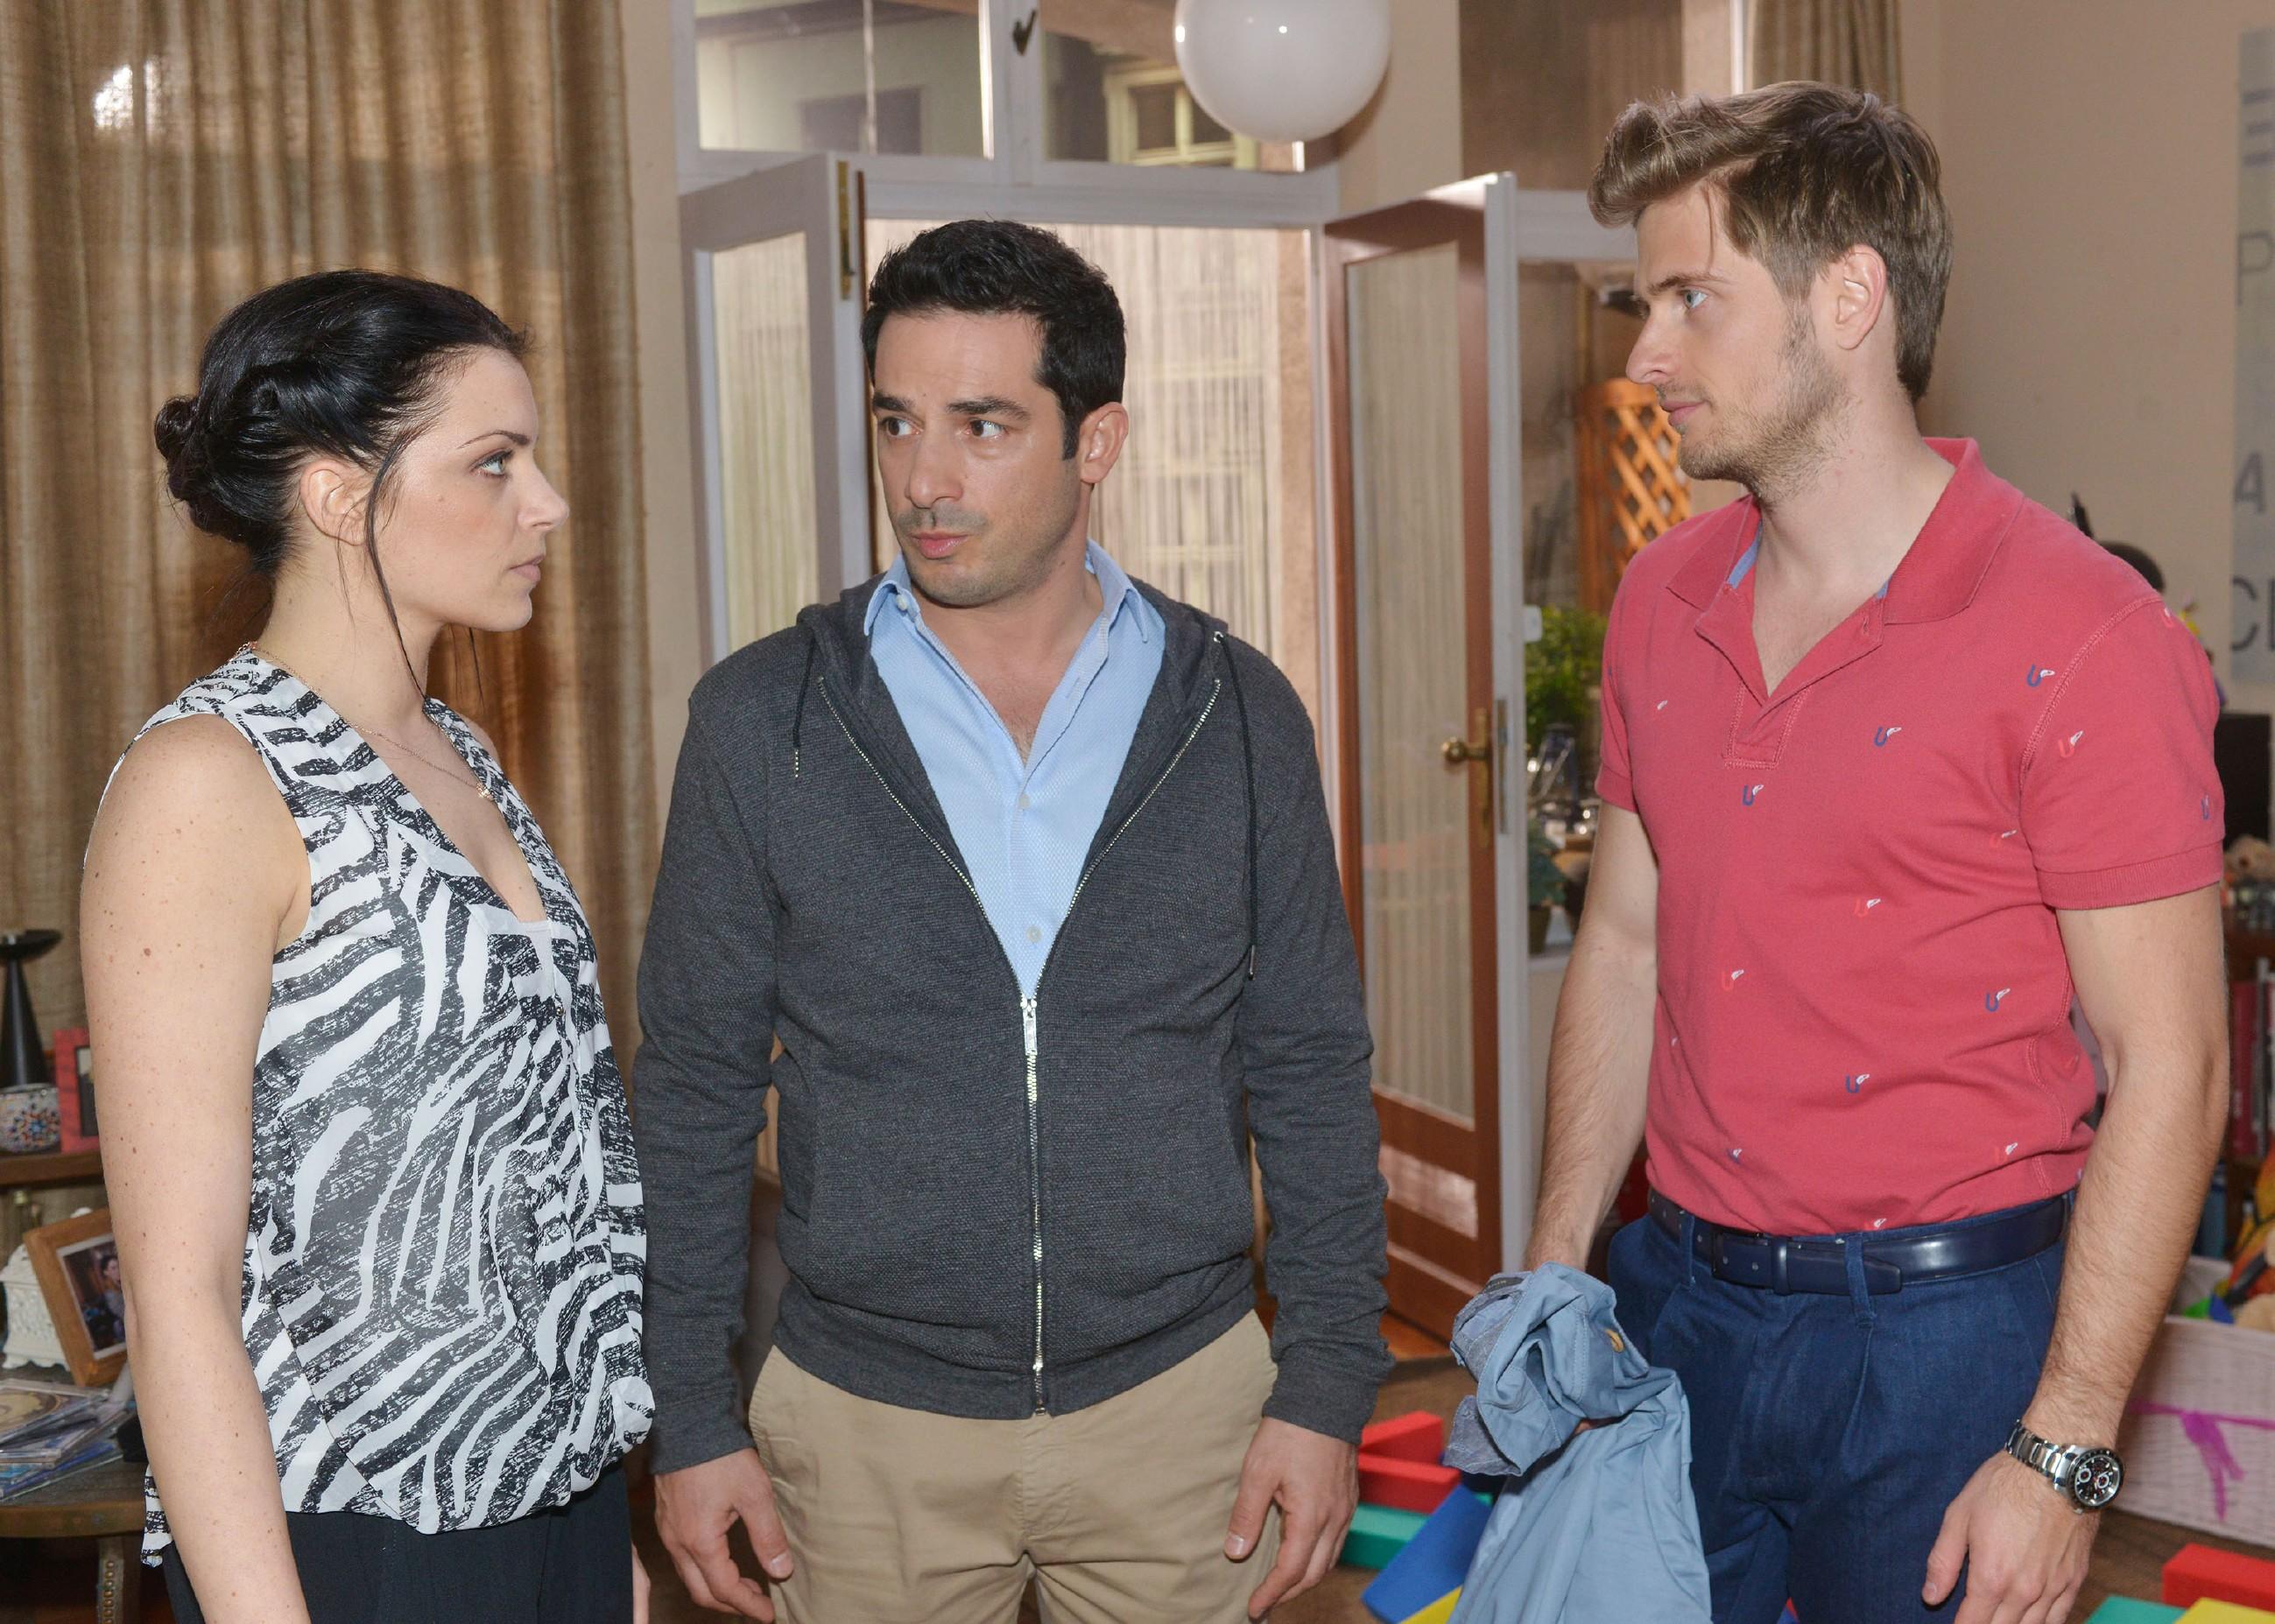 Nachdem Emily (Anne Menden) Tayfun (Tayfun Baydar) das Gefühl gegeben hat, dass er ein schlechter Vater ist, überrascht dieser Emily und Philip (Jörn Schlönvoigt) mit seinem Entschluss... (Quelle: RTL / Rolf Baumgartner)